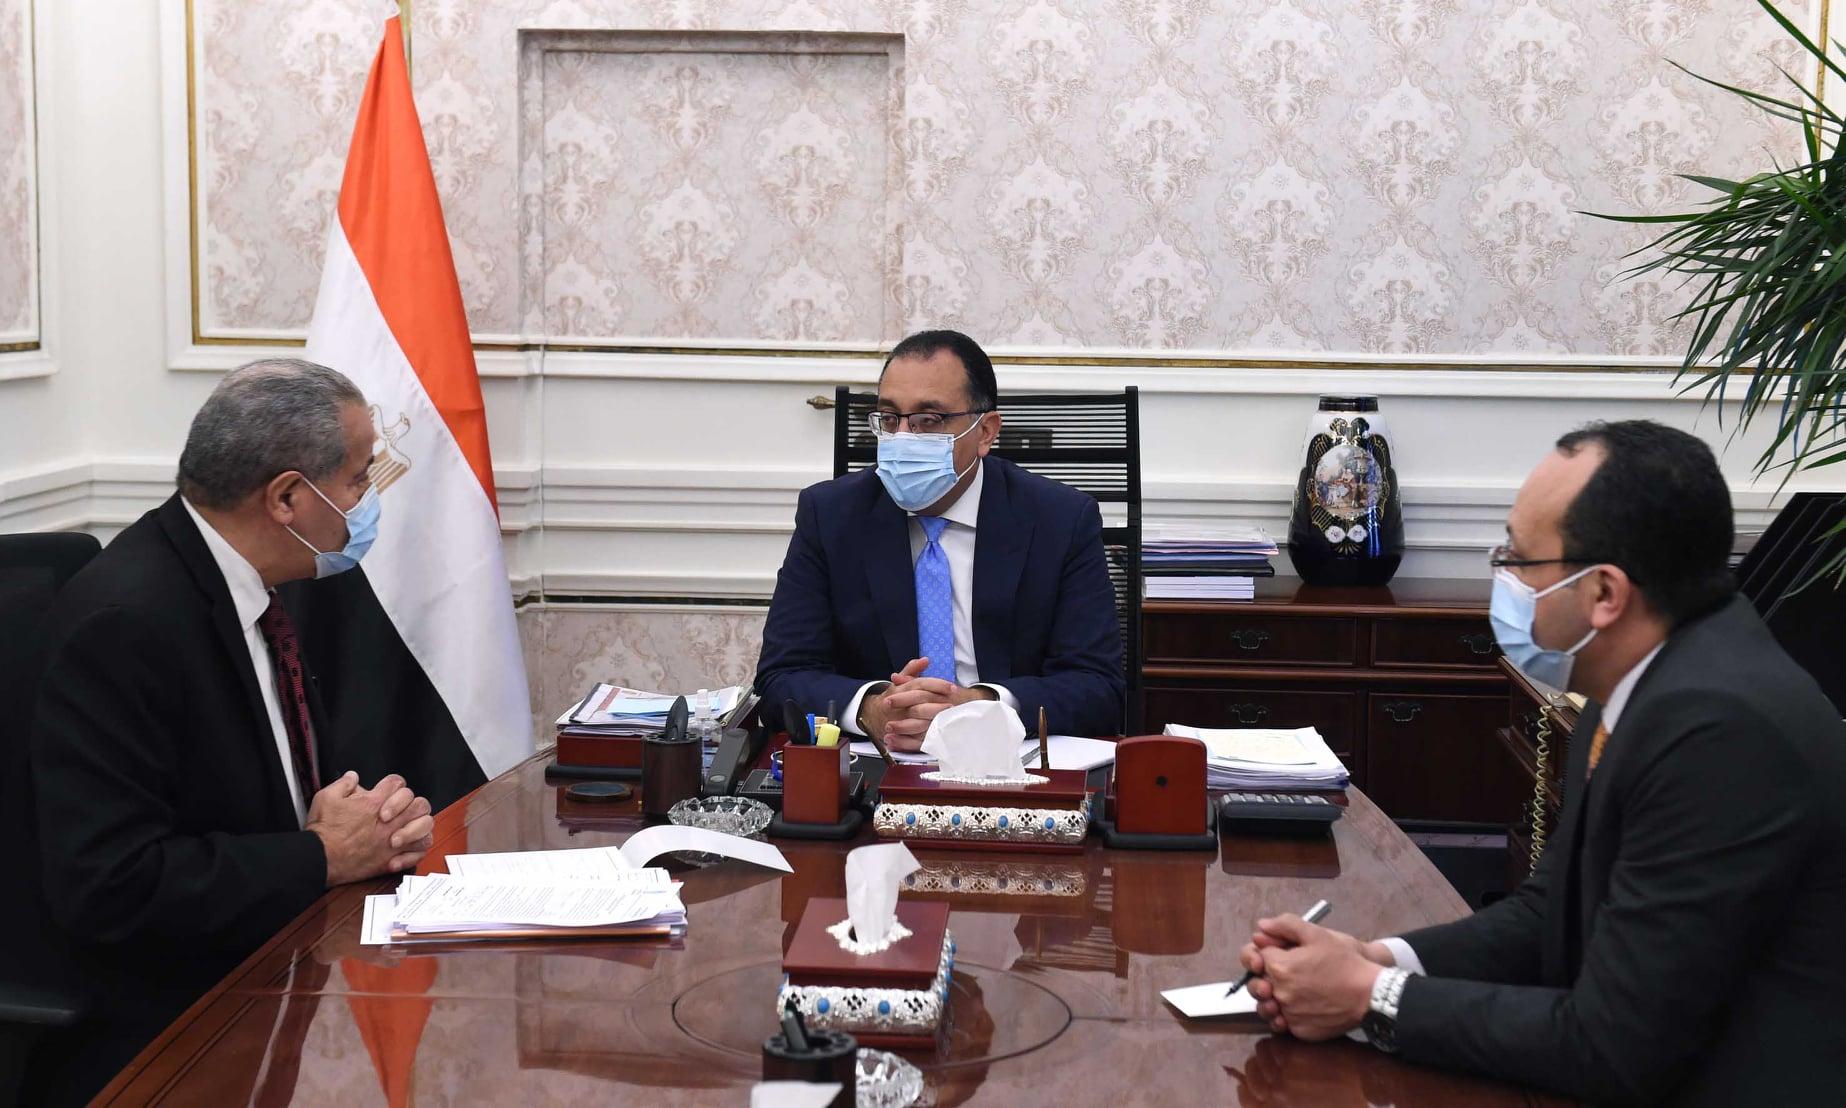 صور | رئيس الوزراء يلتقي وزير التموين للاطمئنان على توافر السلع الإستراتيجية